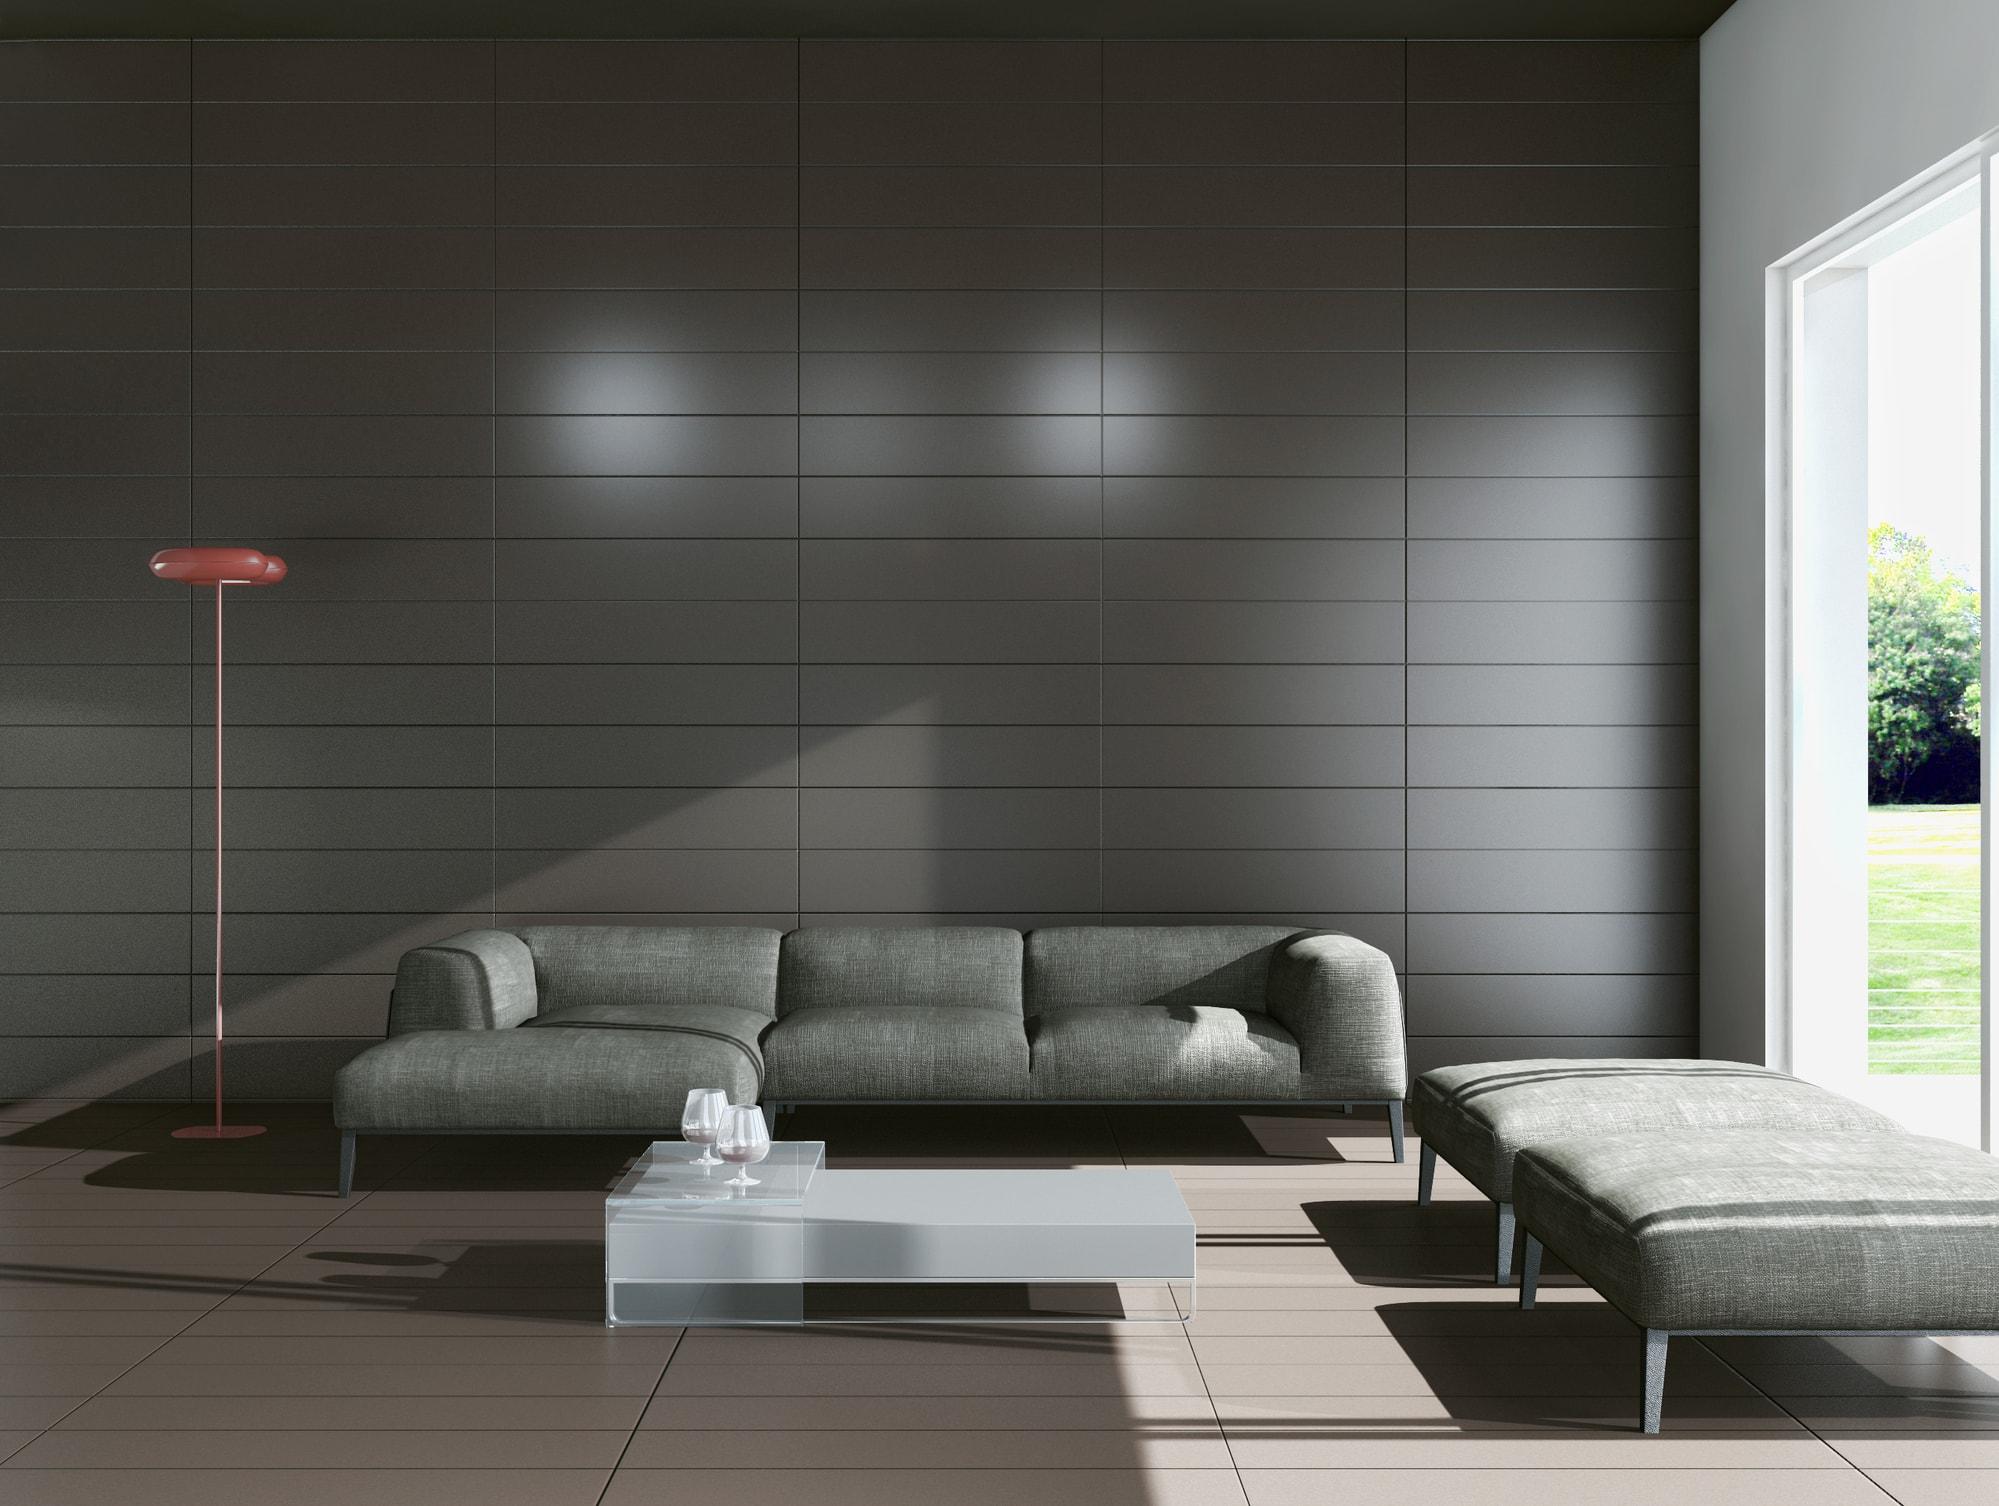 Płytki w salonie na ścianie - ciemne